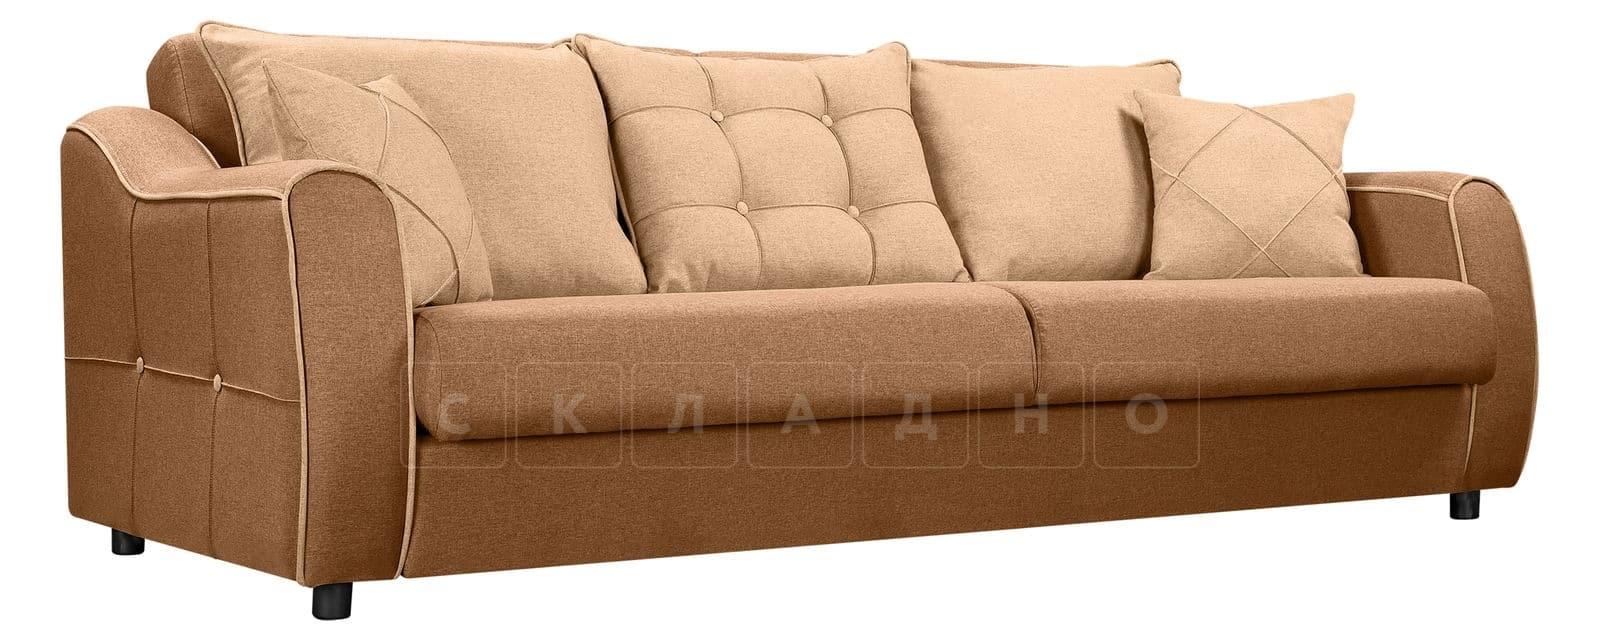 Диван Флэтфорд рогожка коричневый цвет фото 1 | интернет-магазин Складно